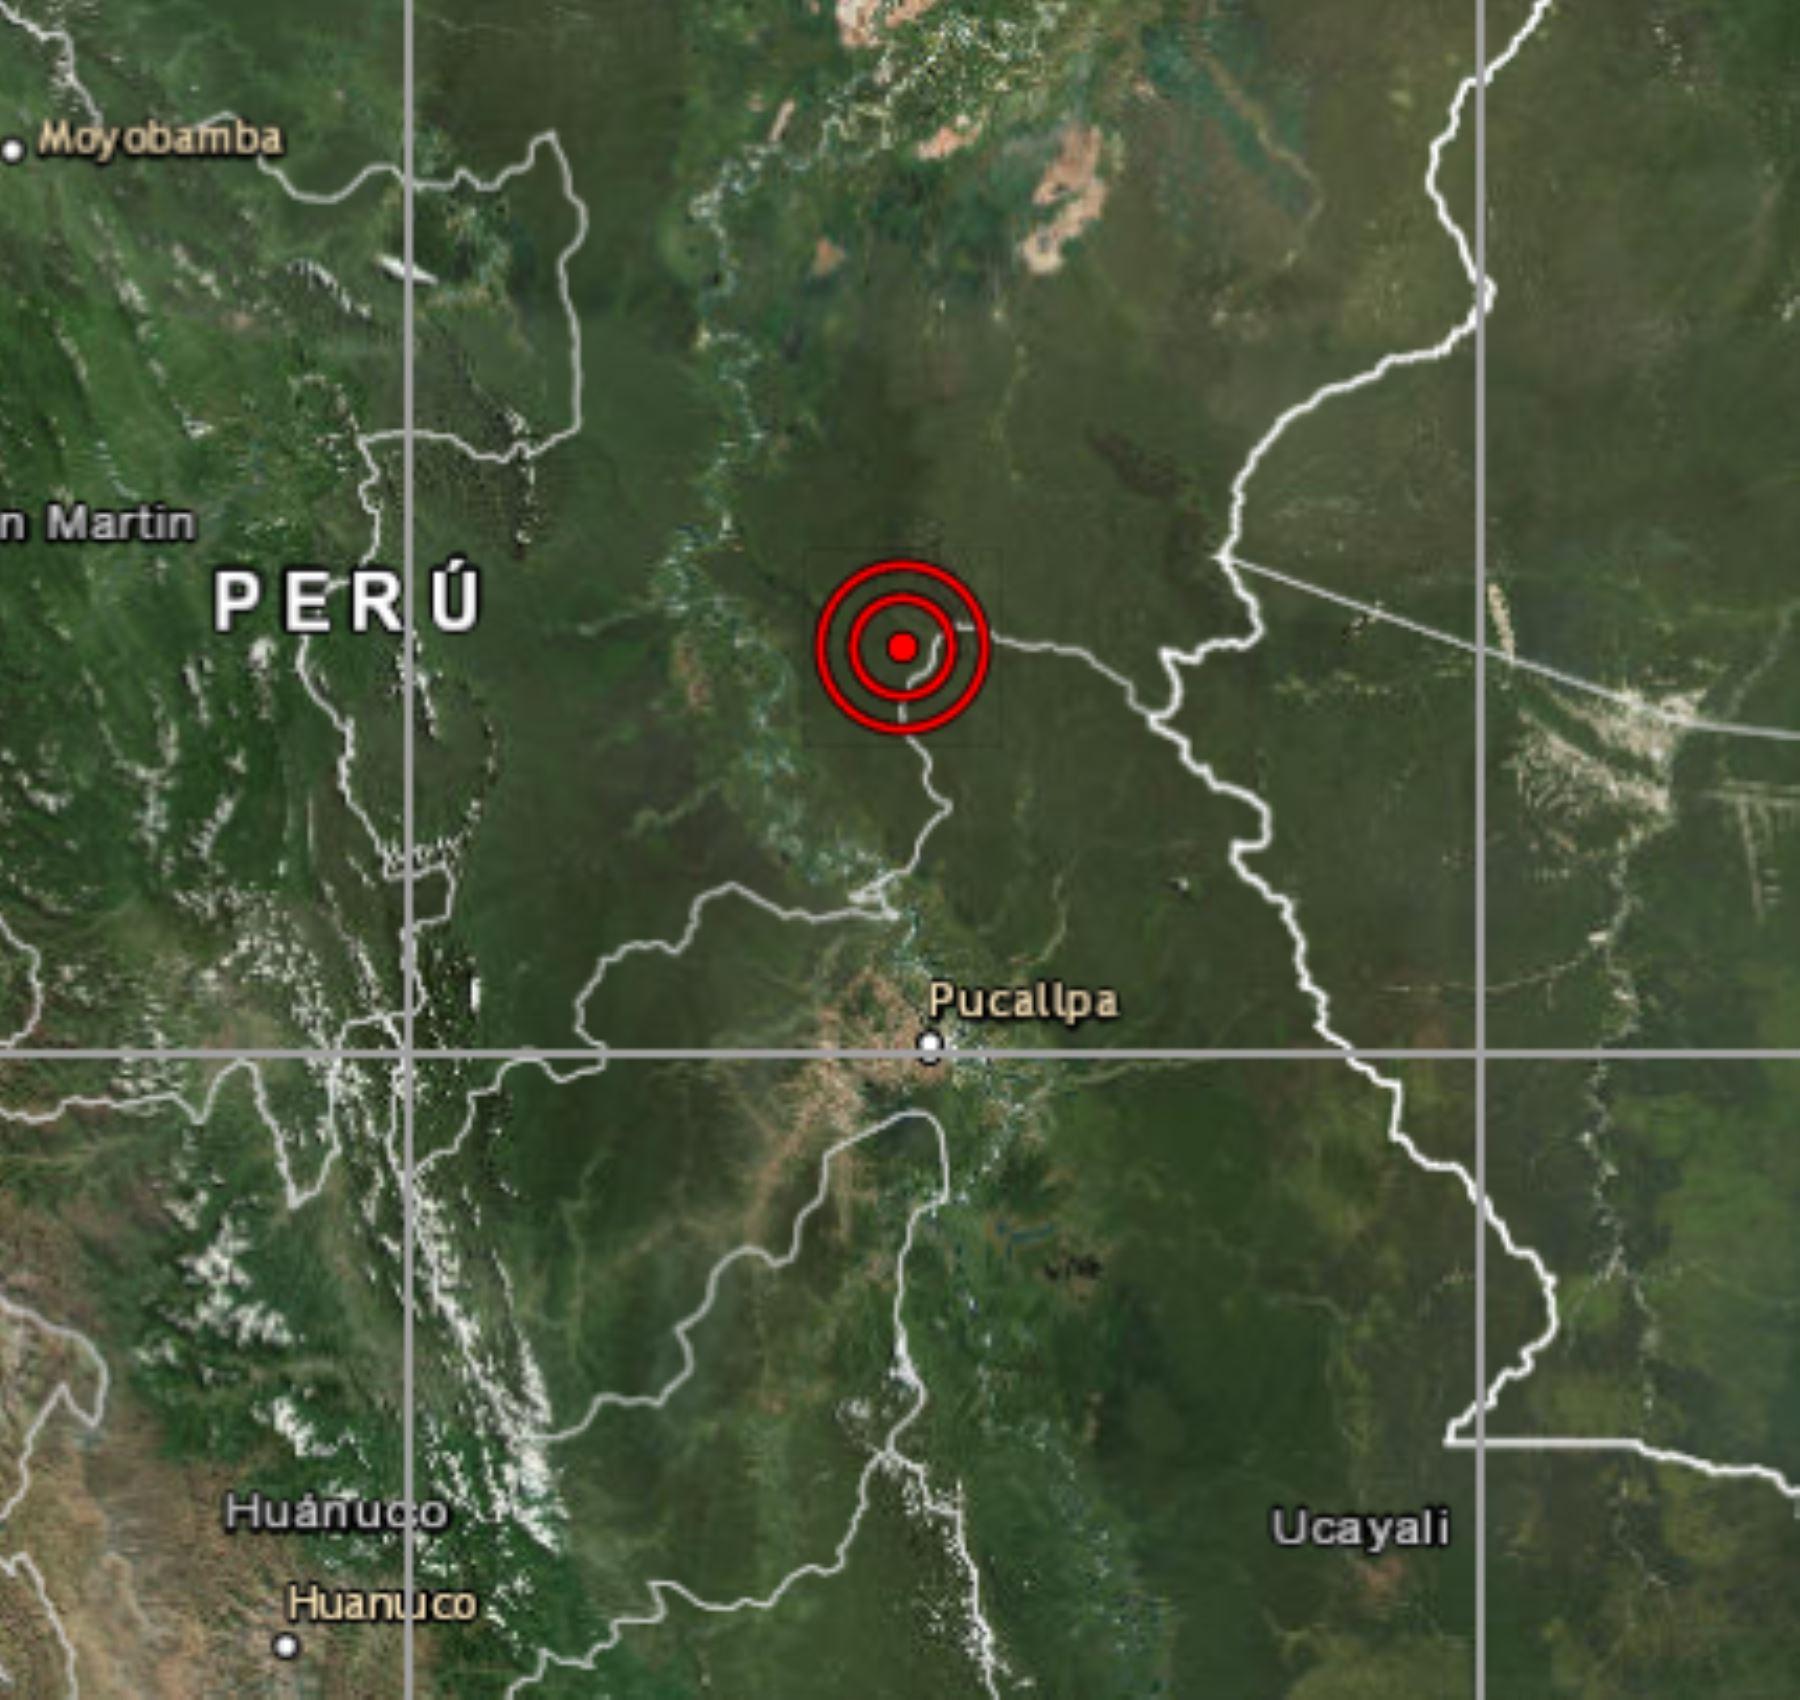 El Instituto Geofísico del Perú reportó un sismo de magnitud 4.2 en Contamana, región Loreto. ANDINA/Difusión